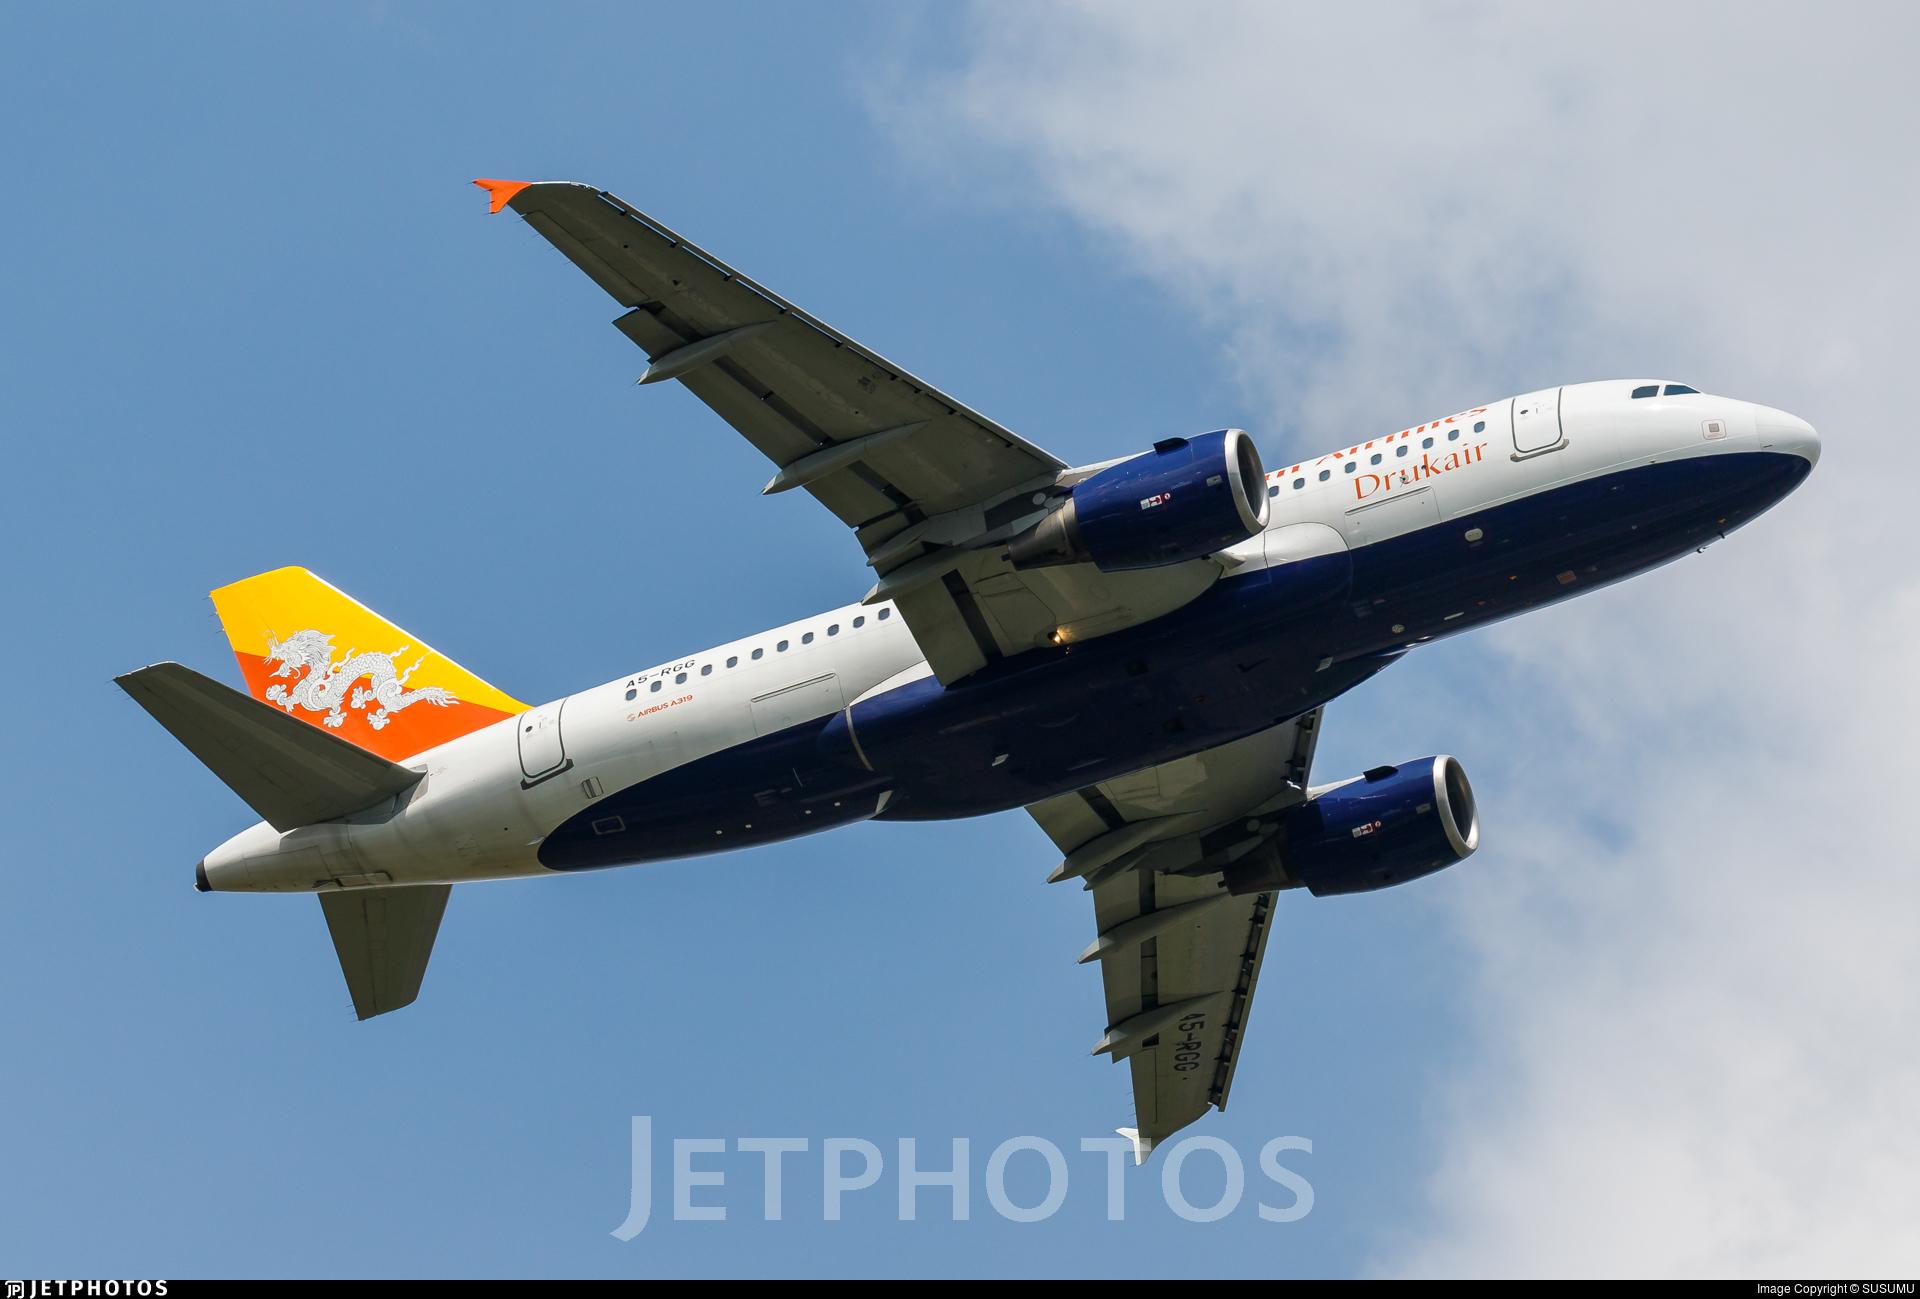 A5 Rgg Airbus A319 115 Druk Air Royal Bhutan Airlines Susumu